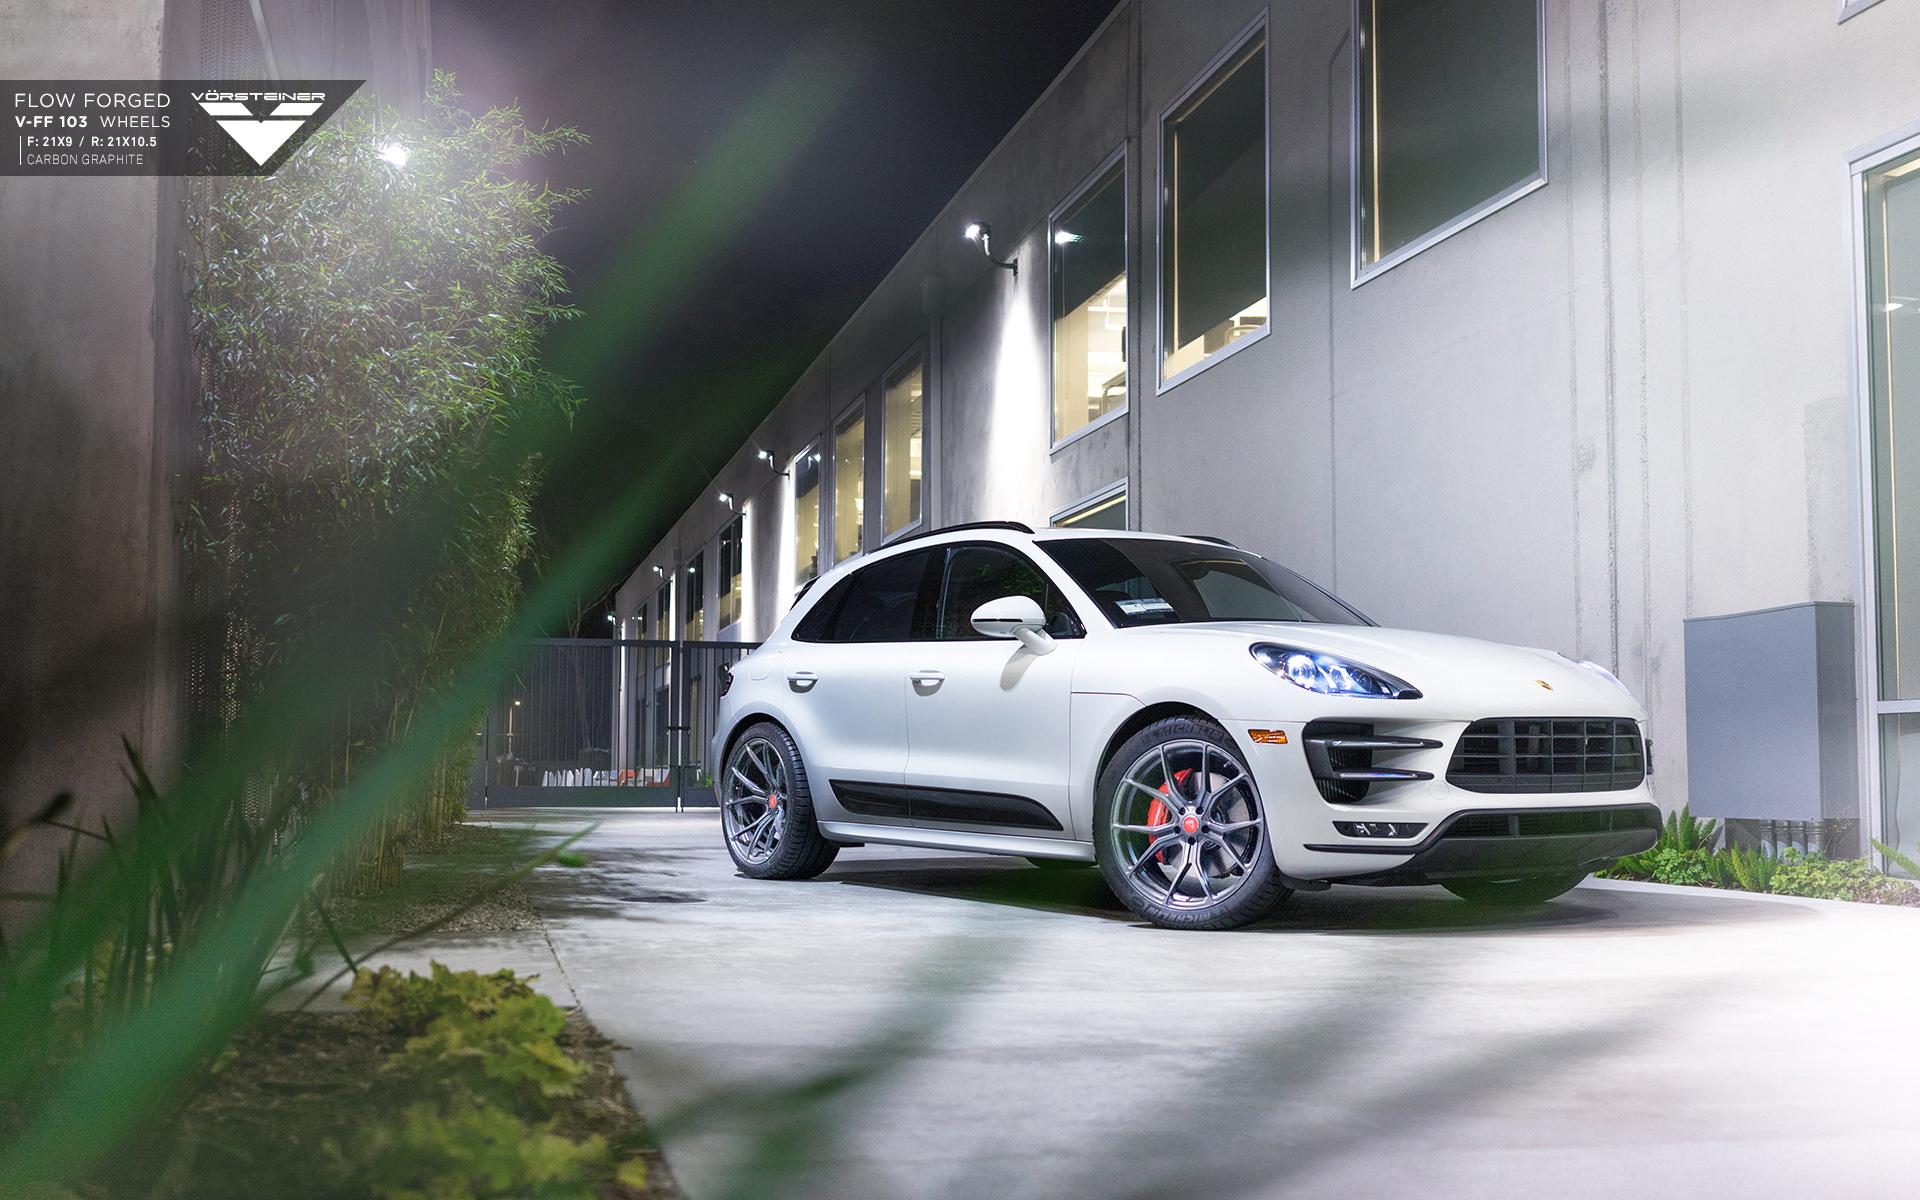 2015 Vorsteiner Porsche Macan V Ff 103 Wallpaper Hd Car